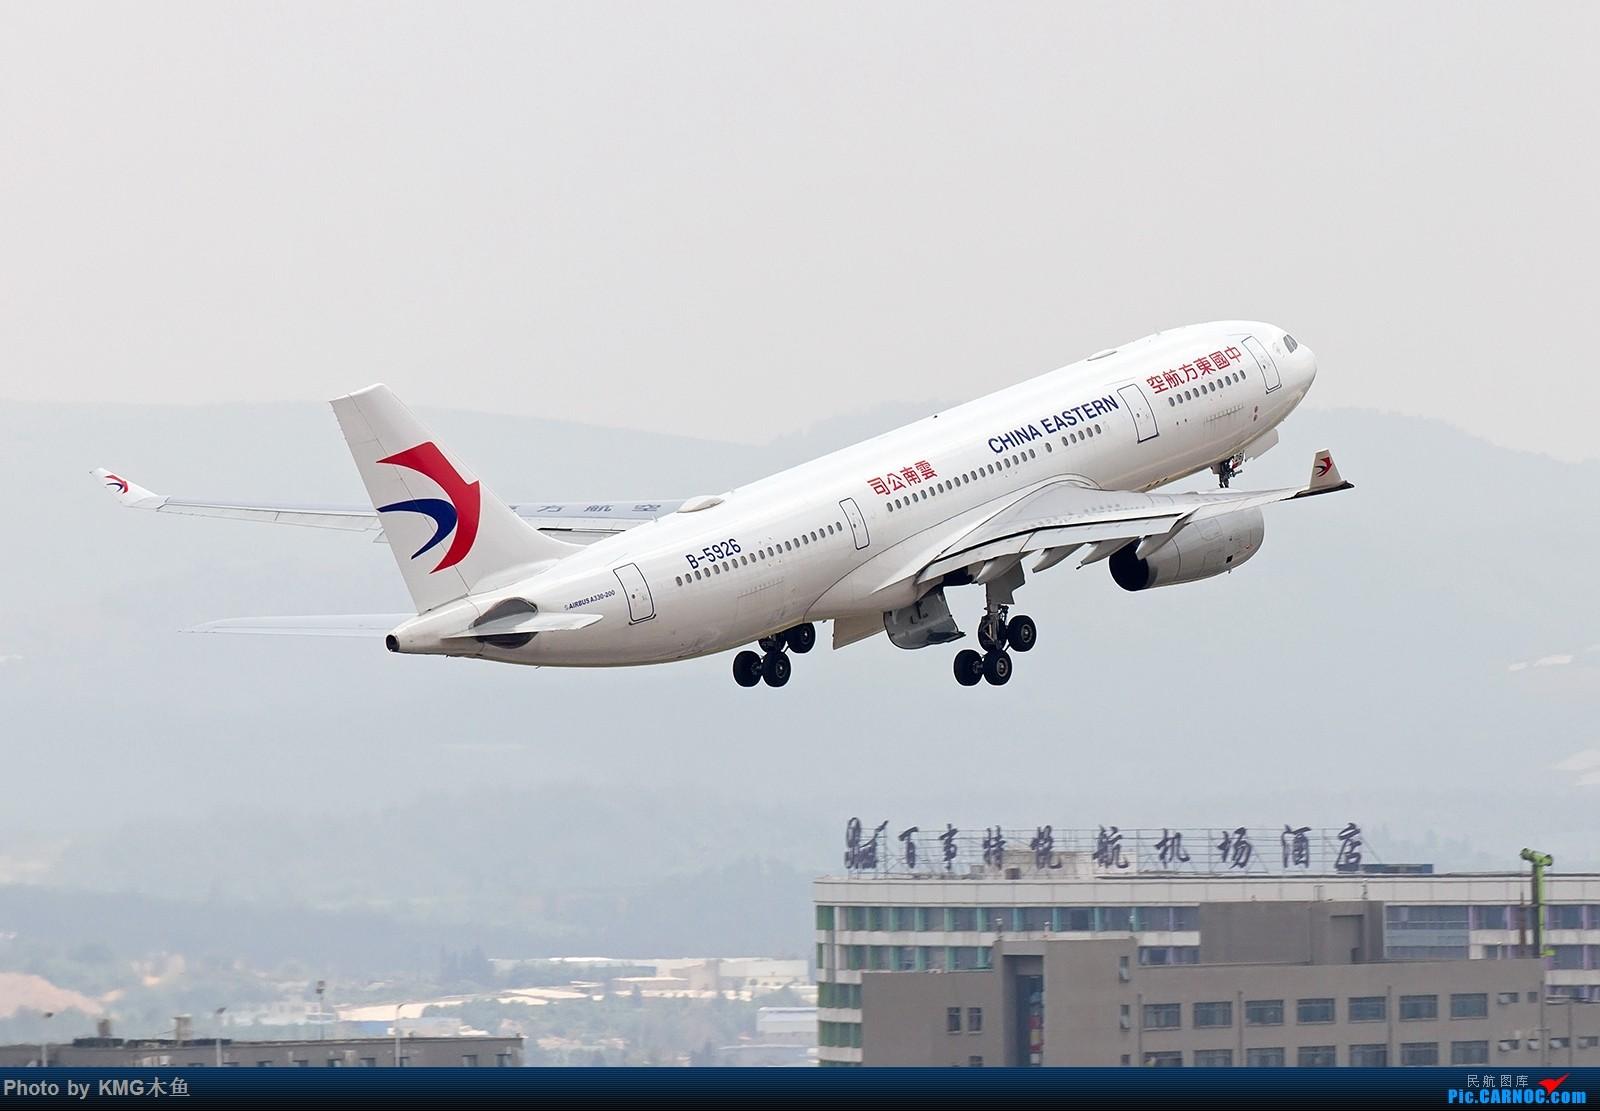 Re:[原创]【昆明长水国际机场——KMG木鱼拍机】第一次大中午的拍飞机,还好宽体比较多,也算是值得了 AIRBUS A330-200 B-5926 中国昆明长水国际机场